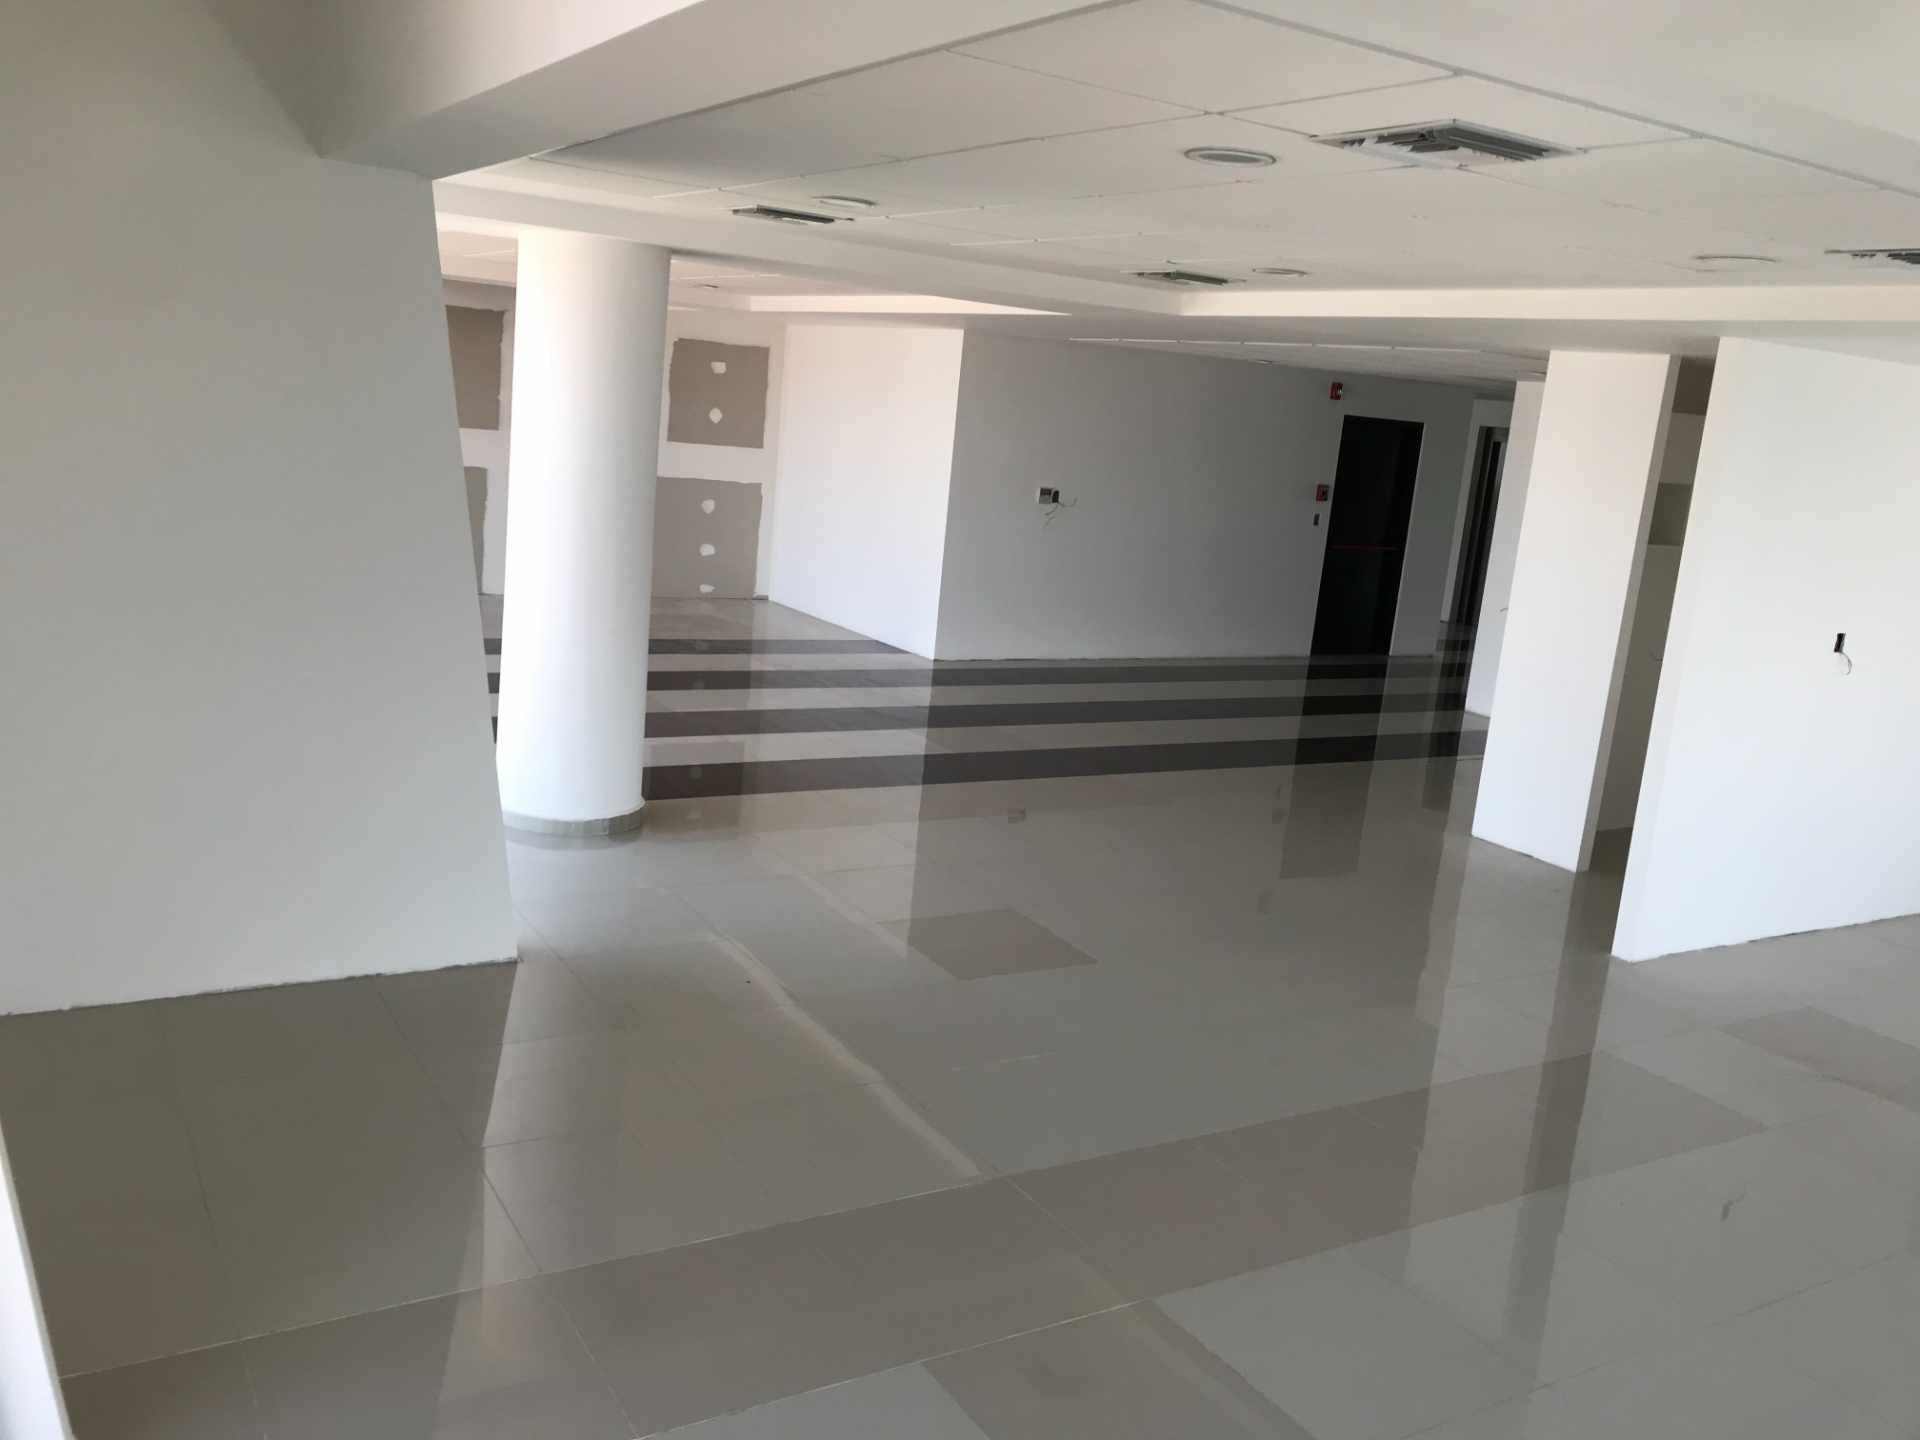 Oficina en Venta Torre de Negocios ALAS. Equipetrol Norte zona Empresarial, Av. San Martín entre 3er y 4to anillo.  Foto 18